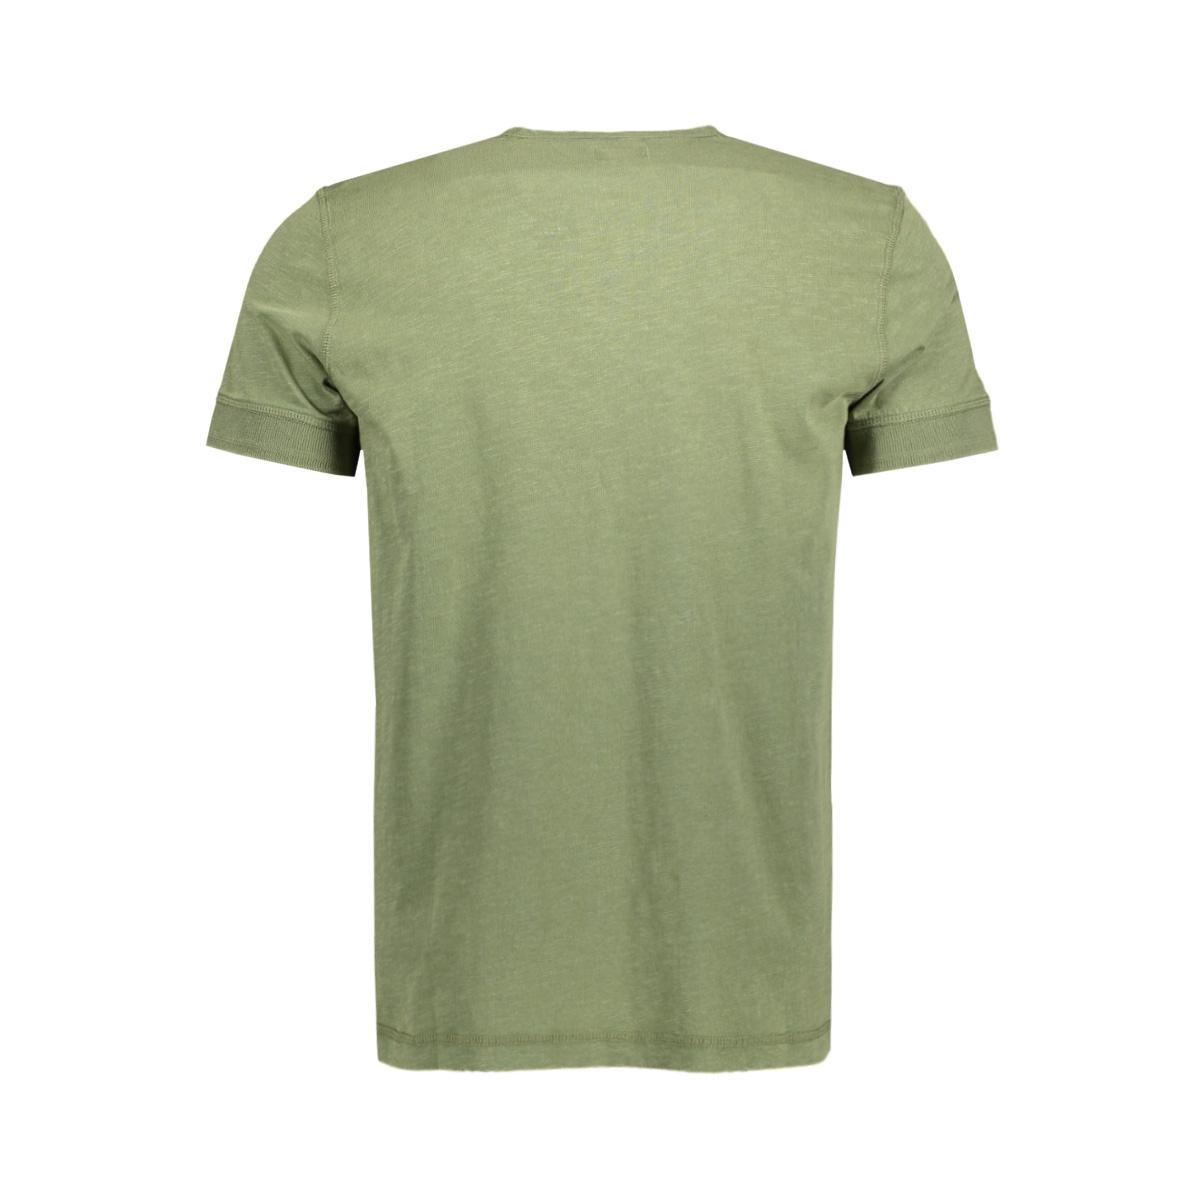 097ee2k012 esprit t-shirt e355